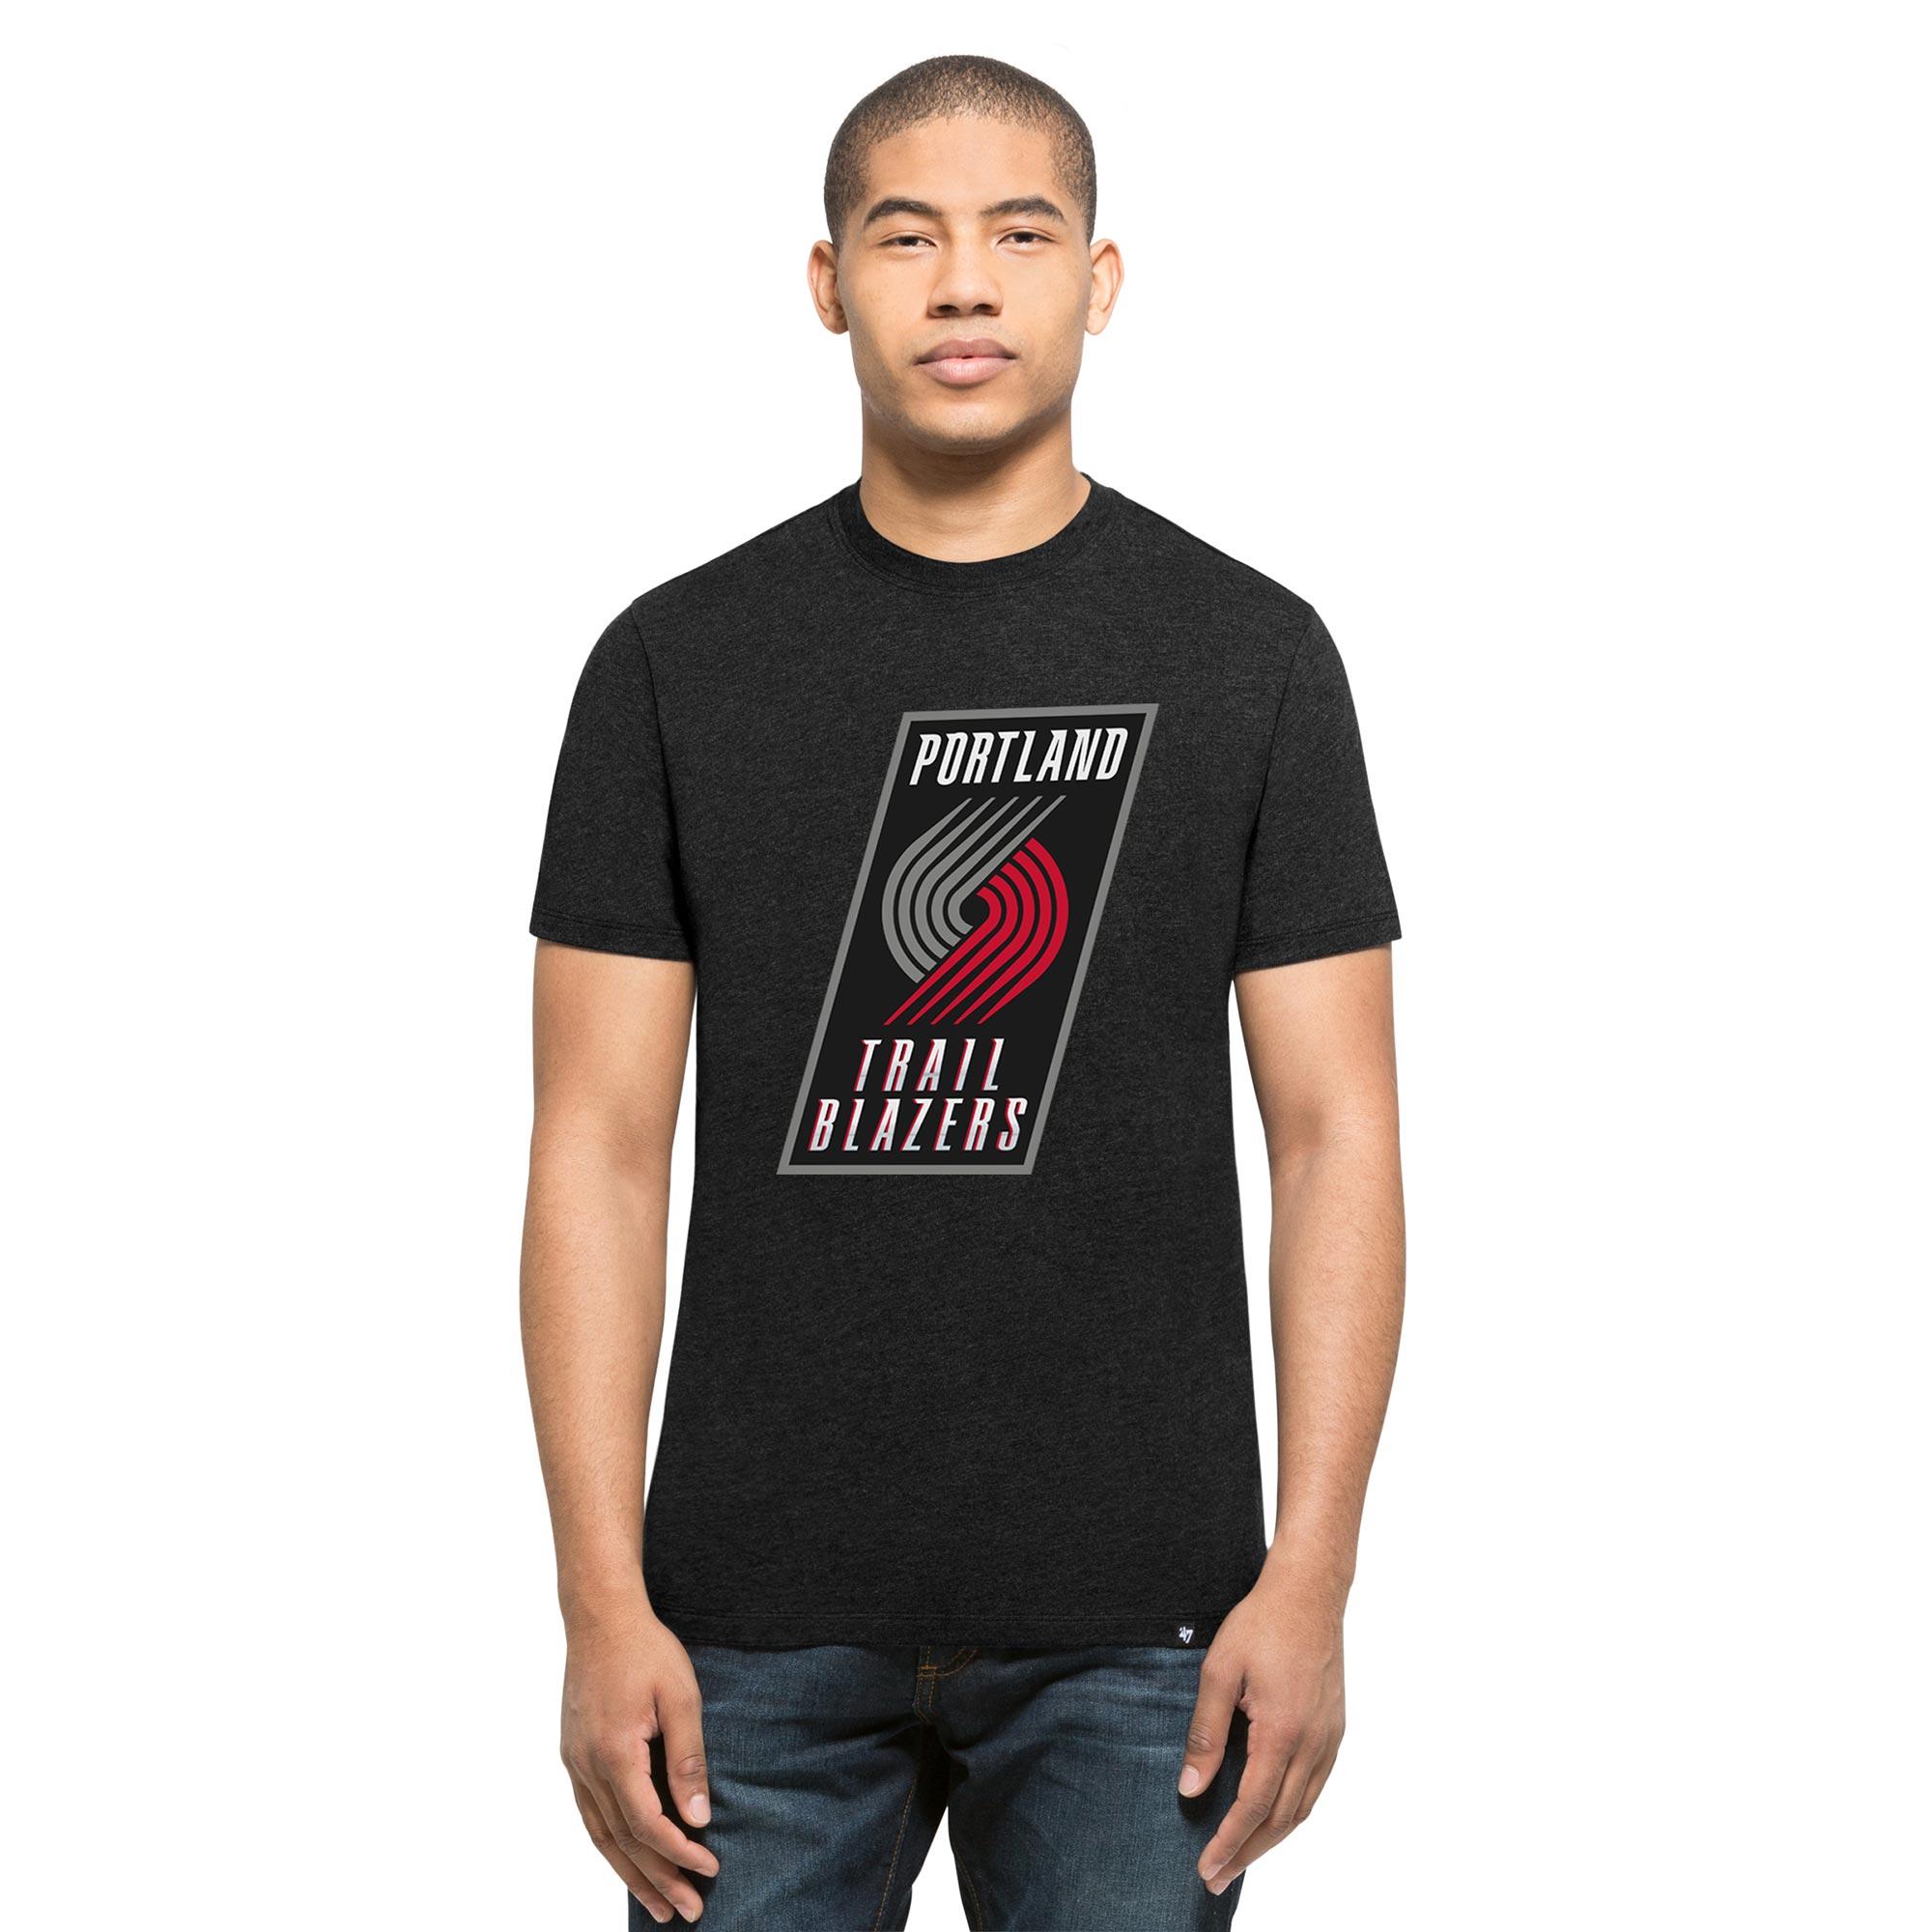 Portland Trail Blazers 47 Core Club T-Shirt - Mens